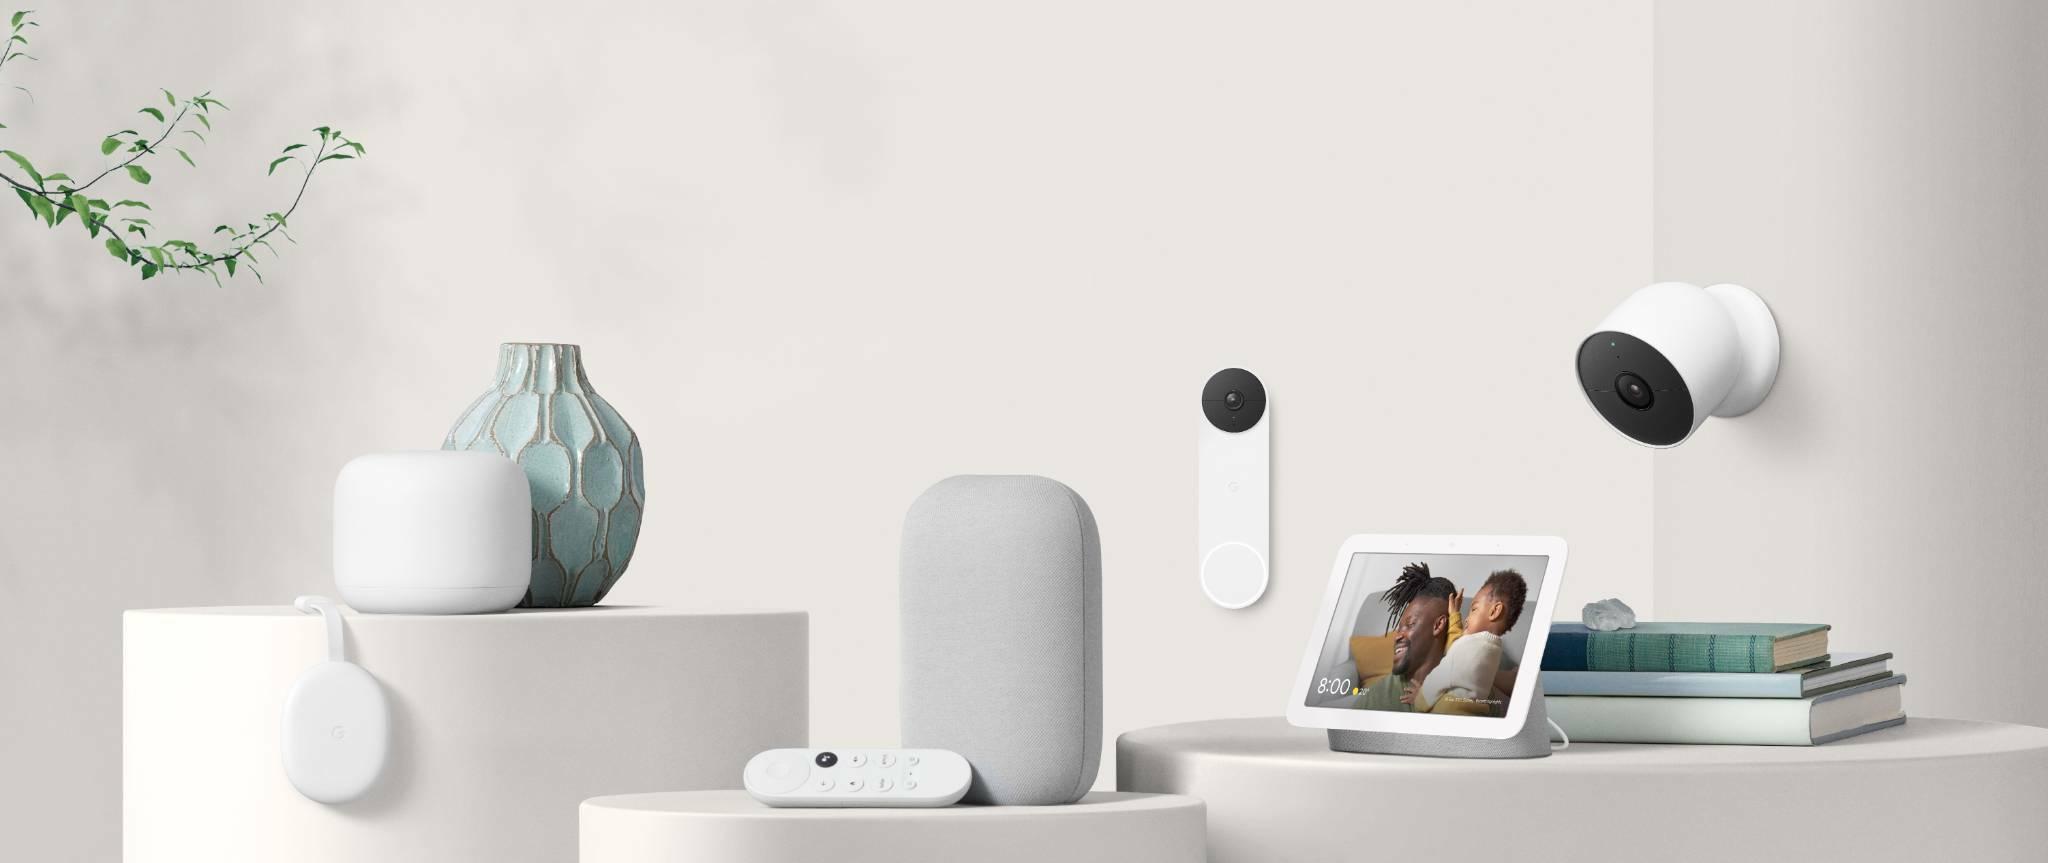 Nest Cam + Nest Doorbell